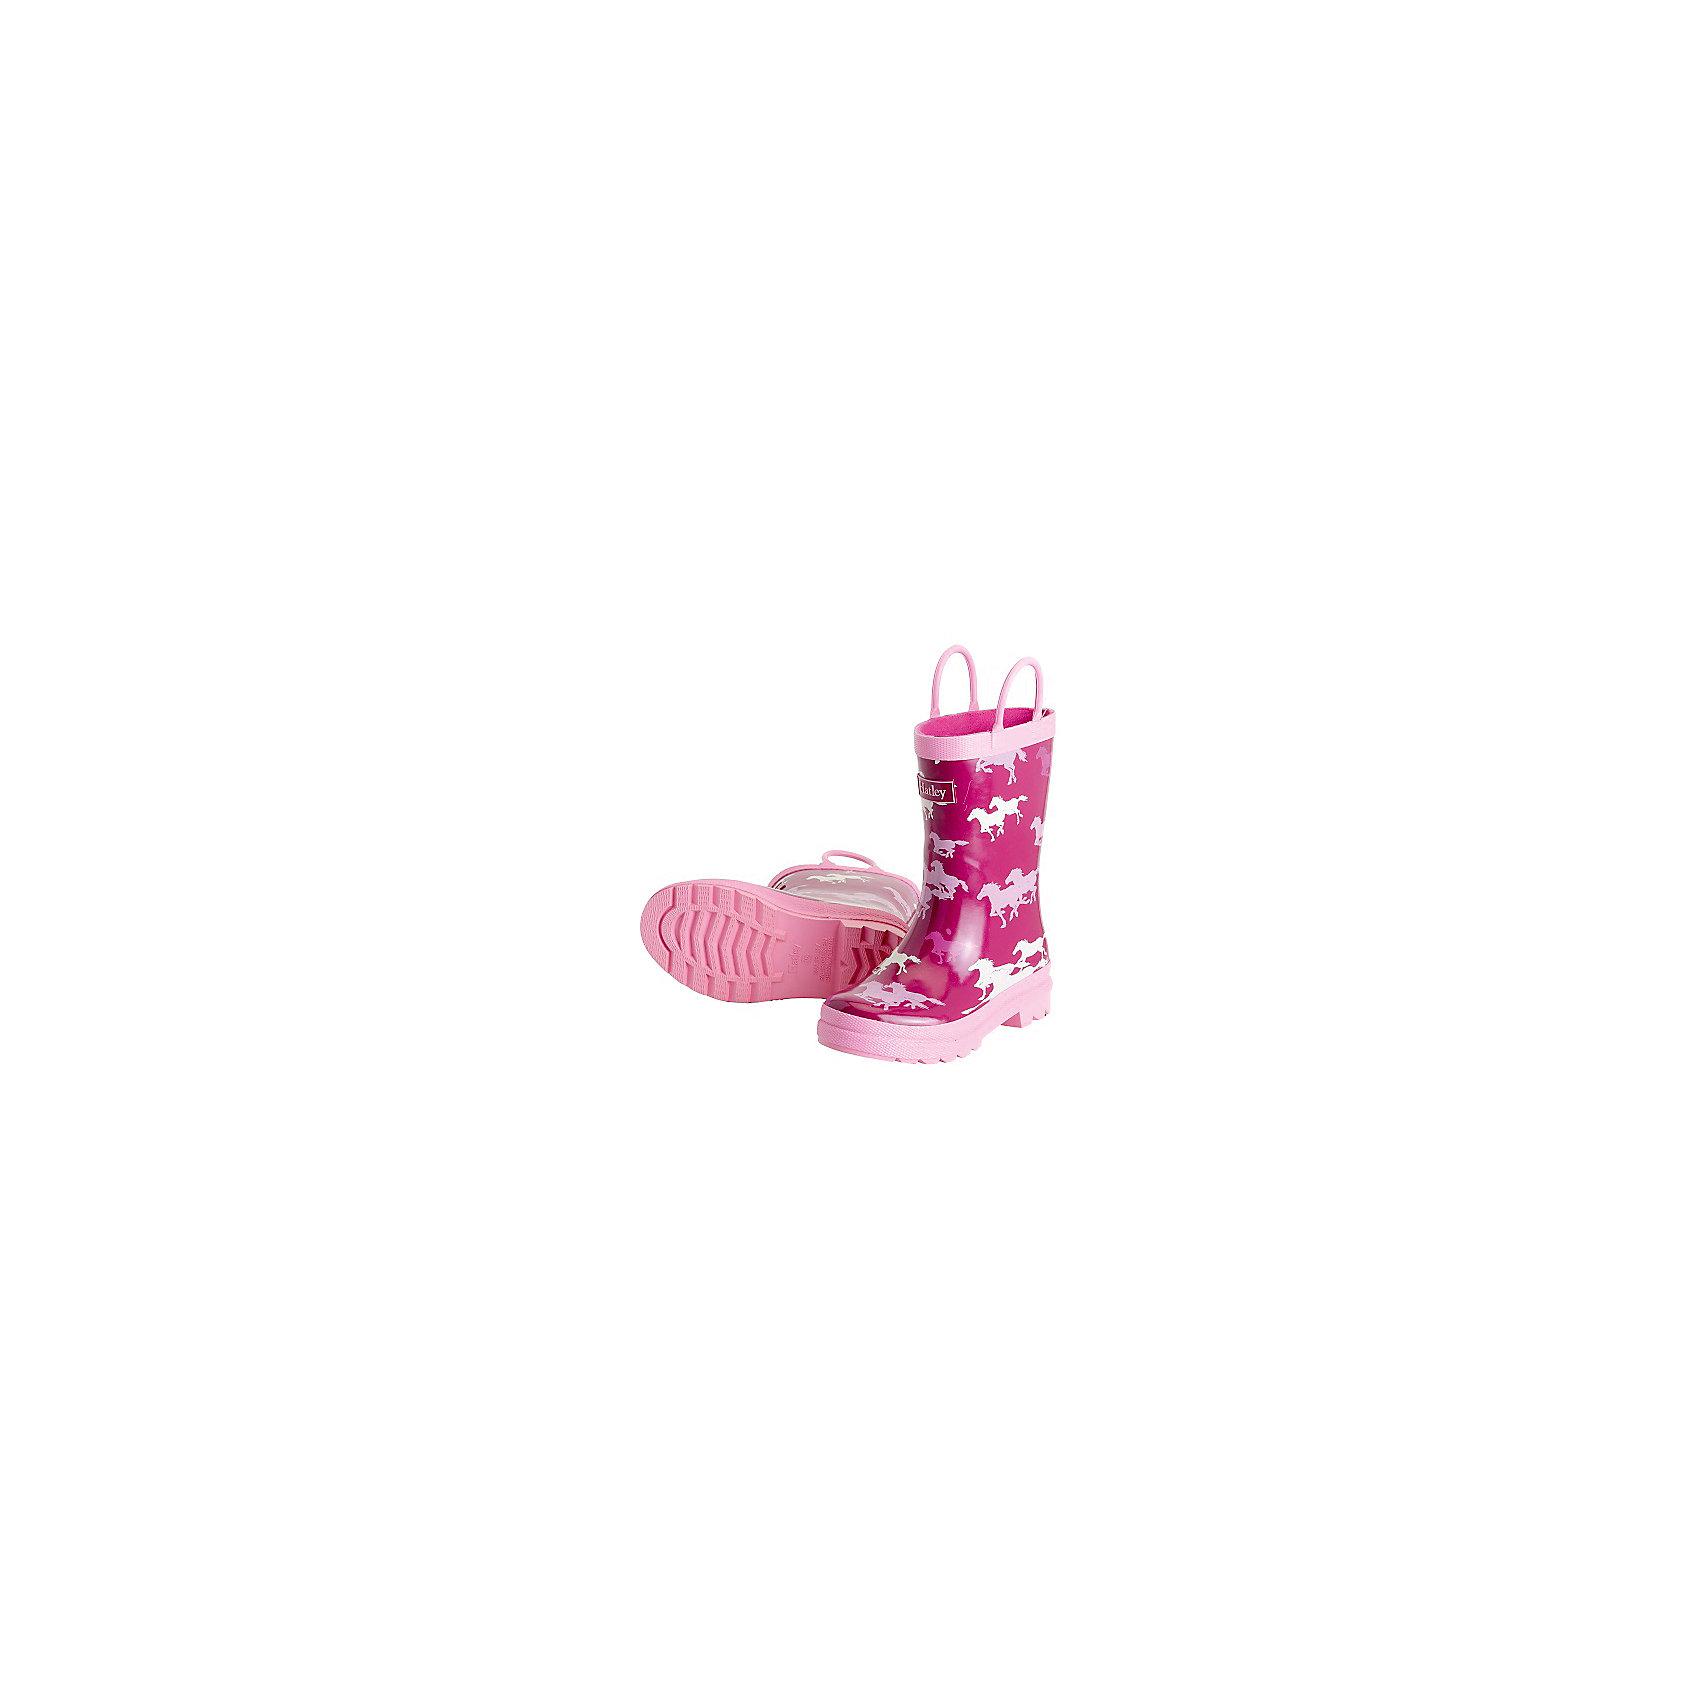 Резиновые сапоги для девочки HatleyСапоги для девочки Hatley<br><br>Характеристики:<br><br>• Состав: верх -ПВХ, подкладка - 100% хлопок<br>• Цвет: розовый<br><br>Яркие, стильные и модные резиновые сапоги для девочки сделаны из высококачественных материалов. Резина сока каучуковых деревьев не даст ножкам промокнуть, а хлопковая подкладка защитит от холода. Внутри есть стелька с аркой, которая способствует правильному формированию стопы. По бокам есть удобные ручки. <br><br>Сапоги для девочки Hatley можно купить в нашем интернет-магазине.<br><br>Ширина мм: 237<br>Глубина мм: 180<br>Высота мм: 152<br>Вес г: 438<br>Цвет: фуксия<br>Возраст от месяцев: 24<br>Возраст до месяцев: 24<br>Пол: Женский<br>Возраст: Детский<br>Размер: 25,24<br>SKU: 5020905